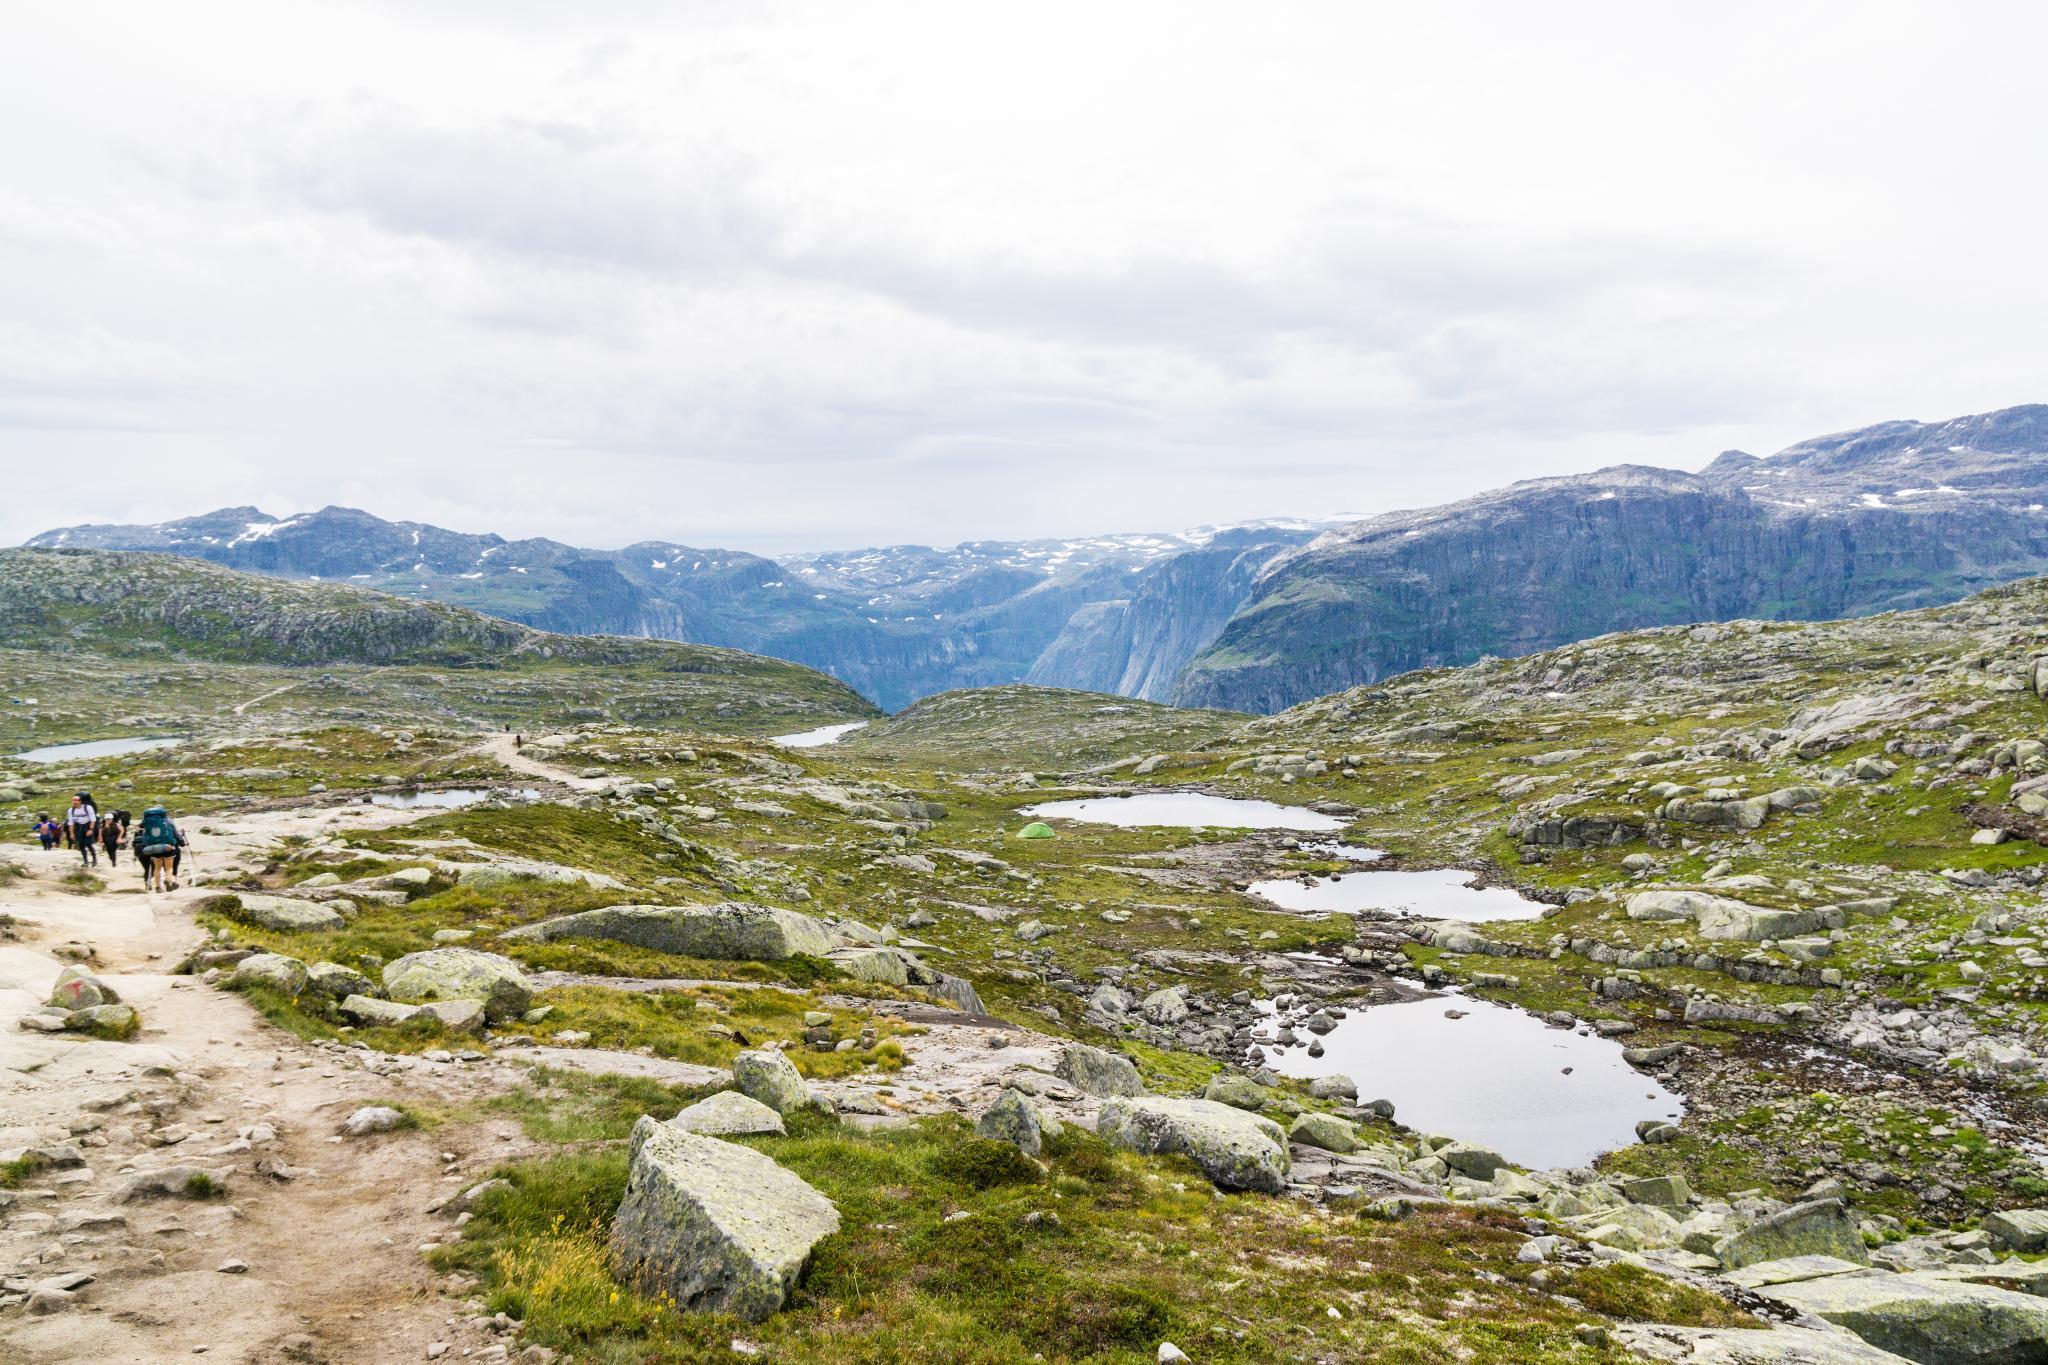 【北歐景點】挪威惡魔之舌 Trolltunga — 28公里健行挑戰全攻略 197